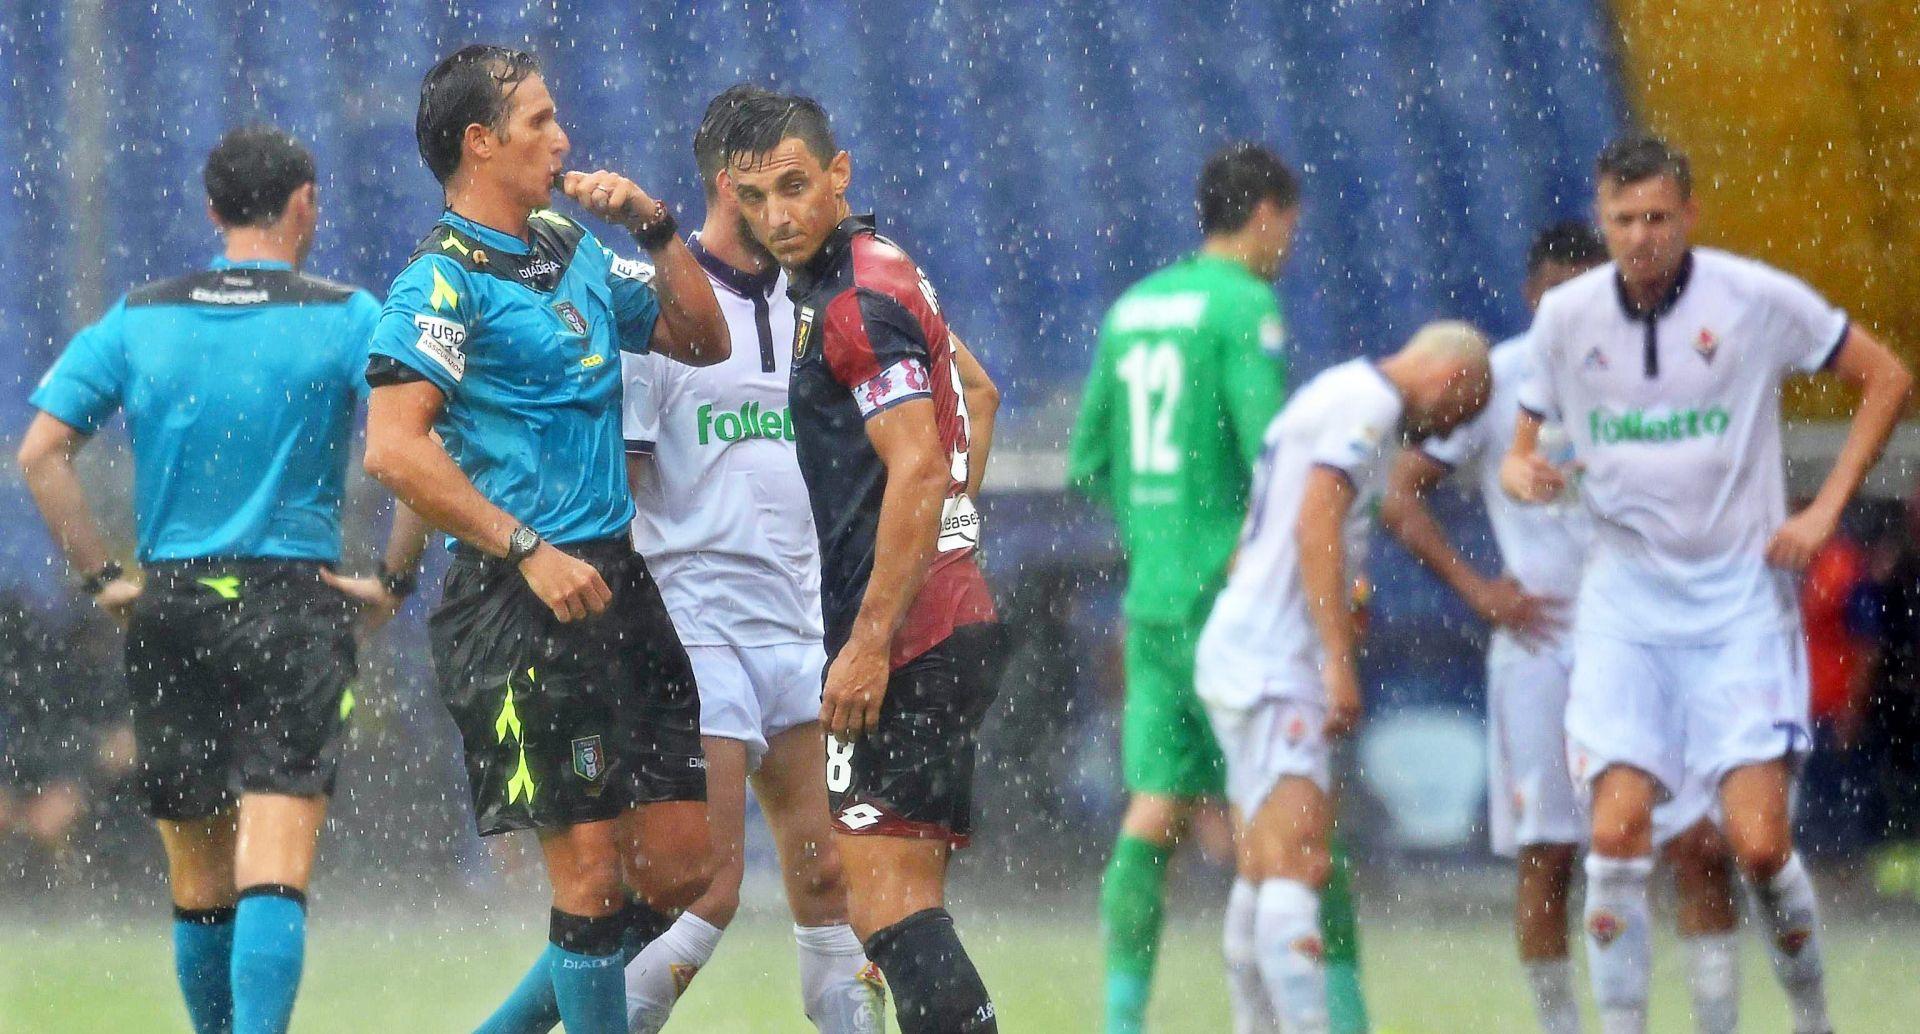 SERIE A Dvoboj Genoa – Fiorentina otkazan zbog kiše, prekid u Rimu